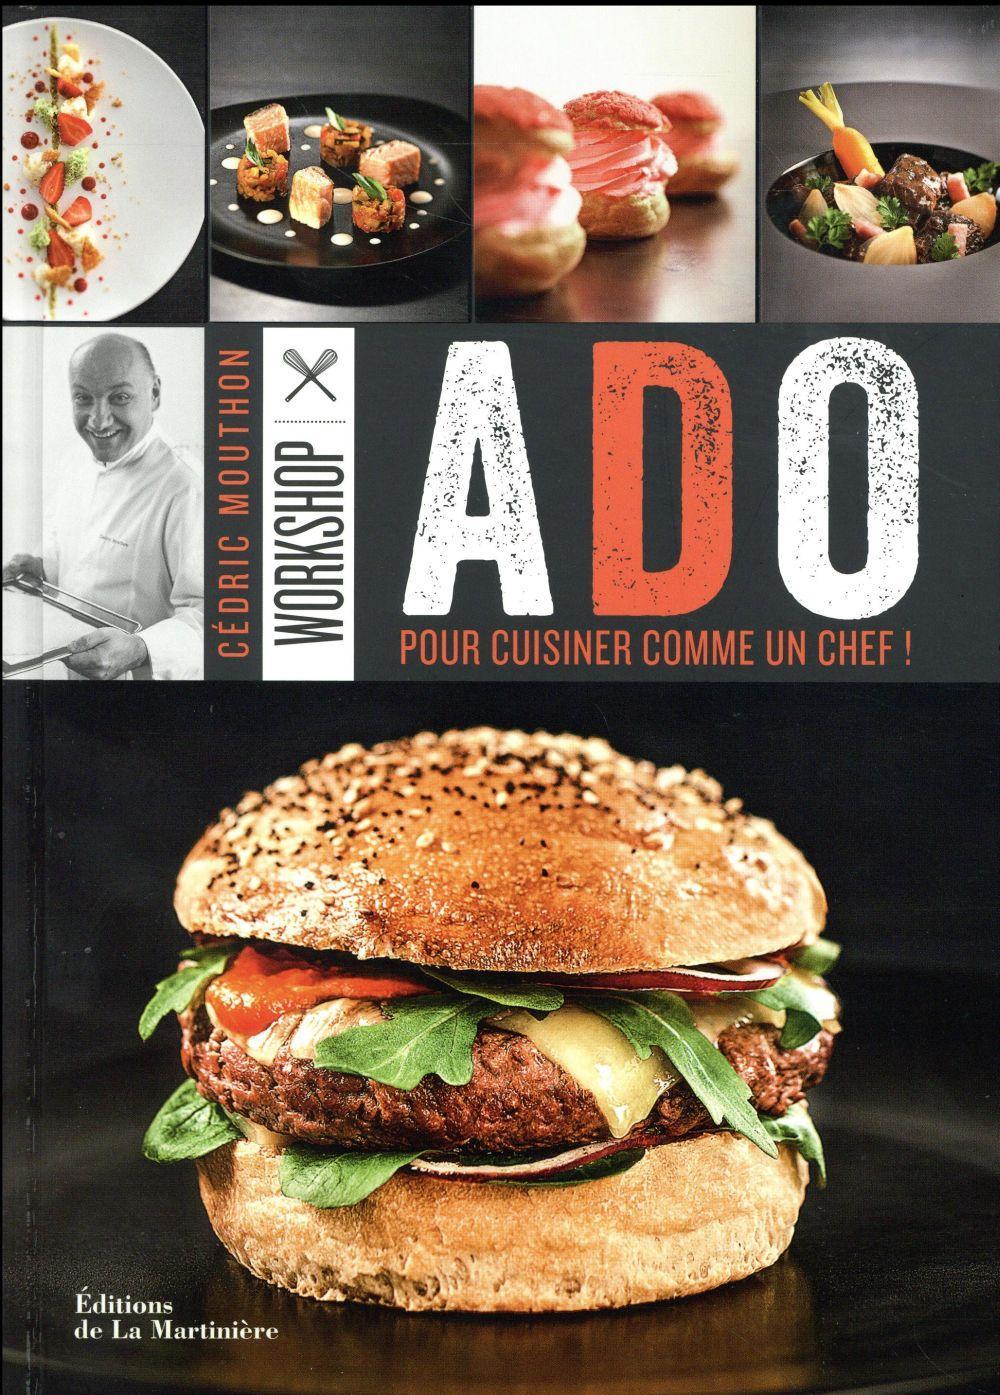 Cedric mouthon france loisirs suisse - France 2 cuisinez comme un chef ...